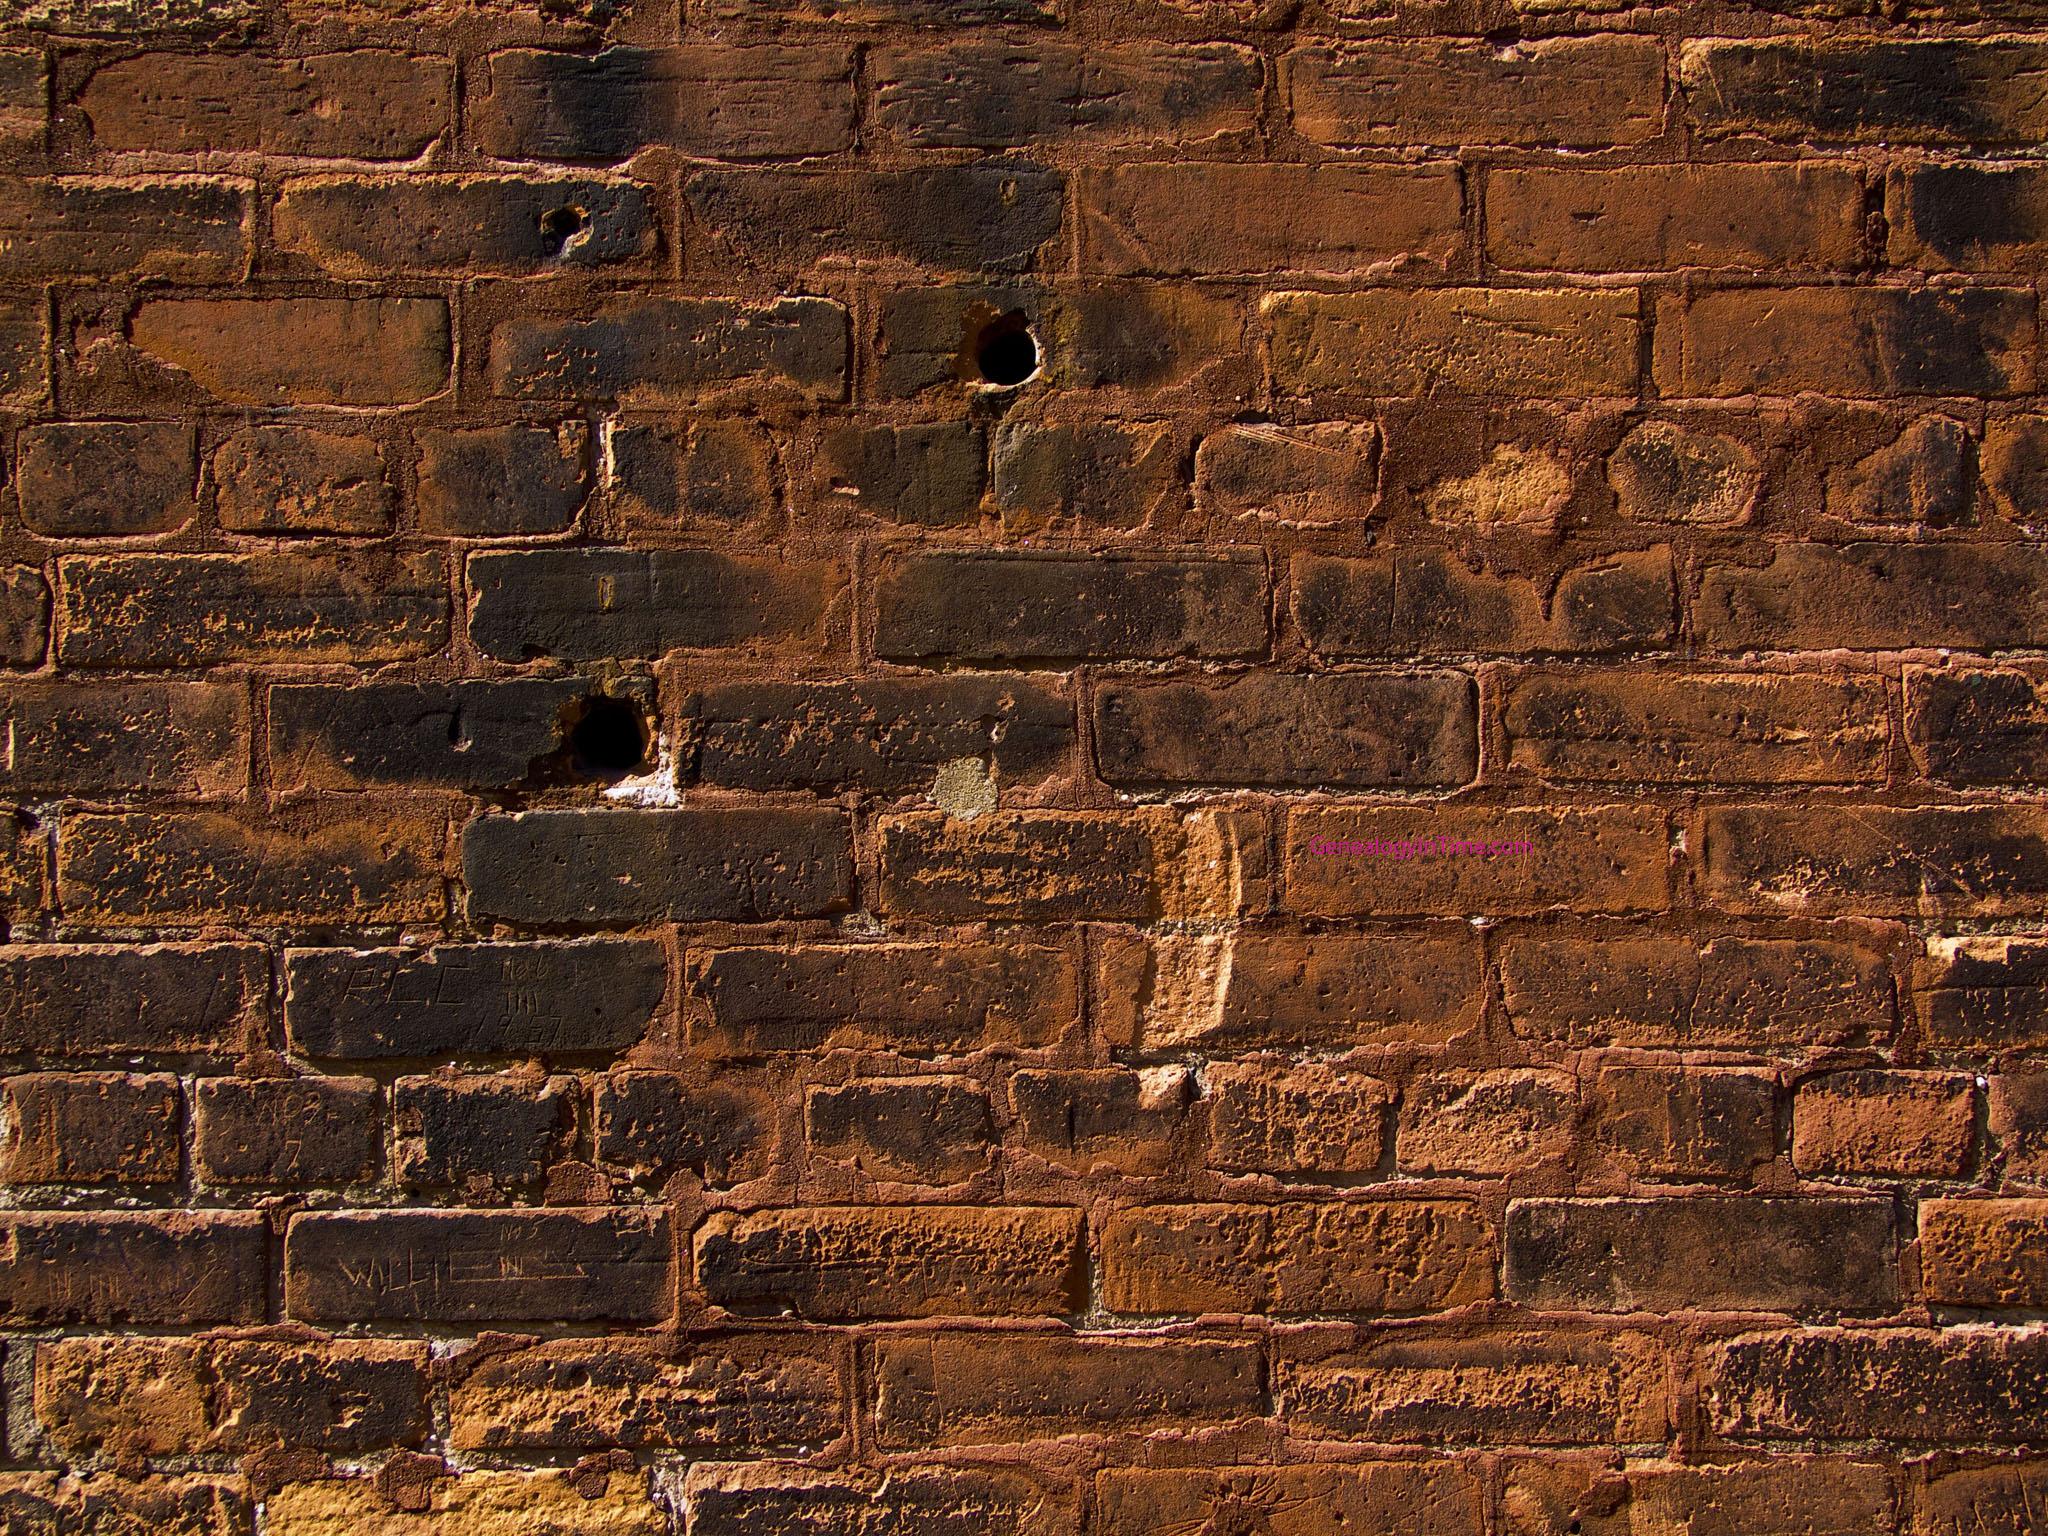 C mo reparar ladrillos agrietados en un muro alba iles - Reparacion de humedades en paredes ...